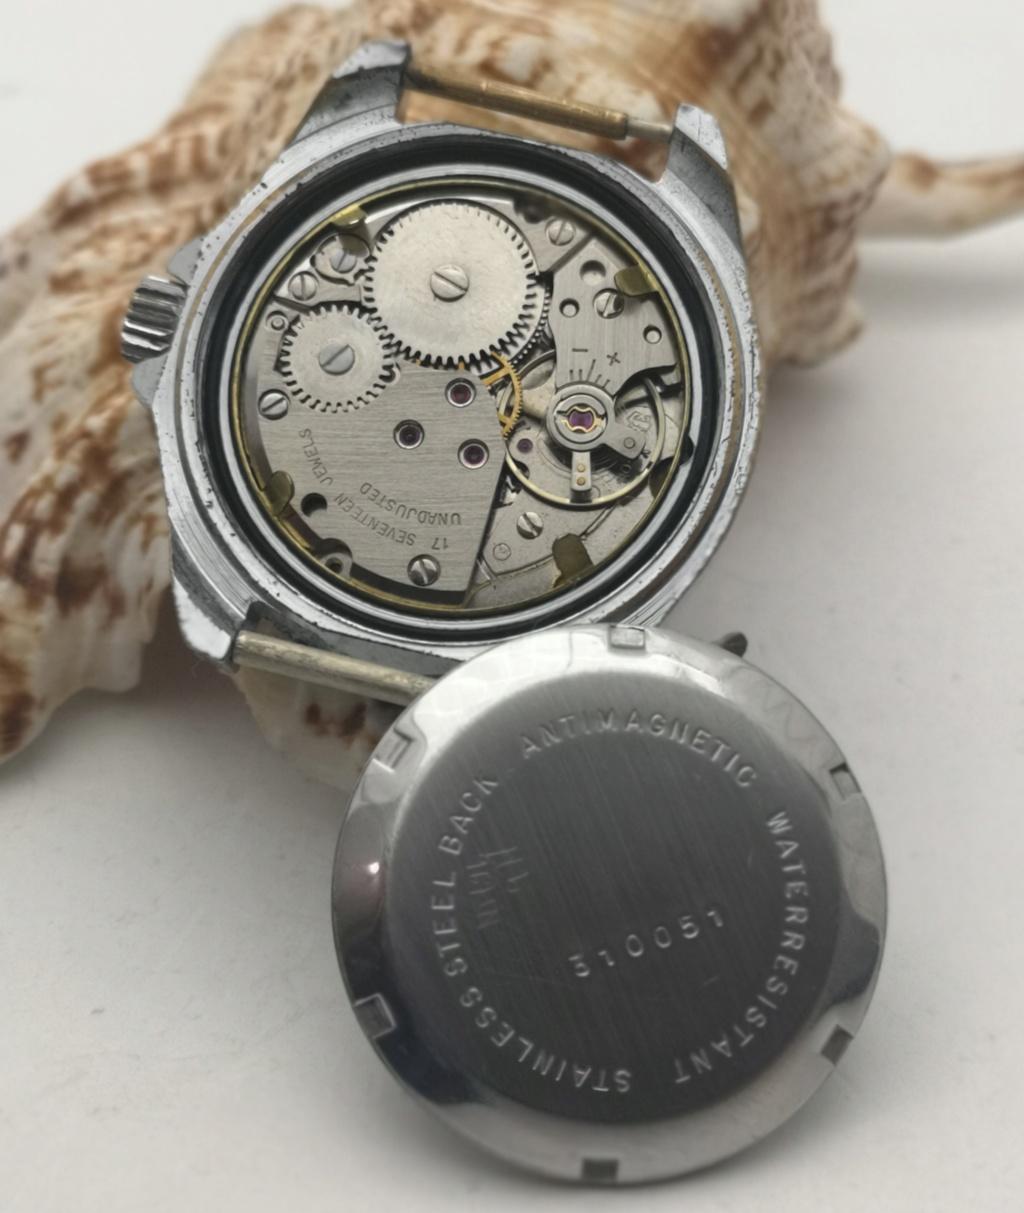 Relógios de mergulho vintage - Página 11 1121